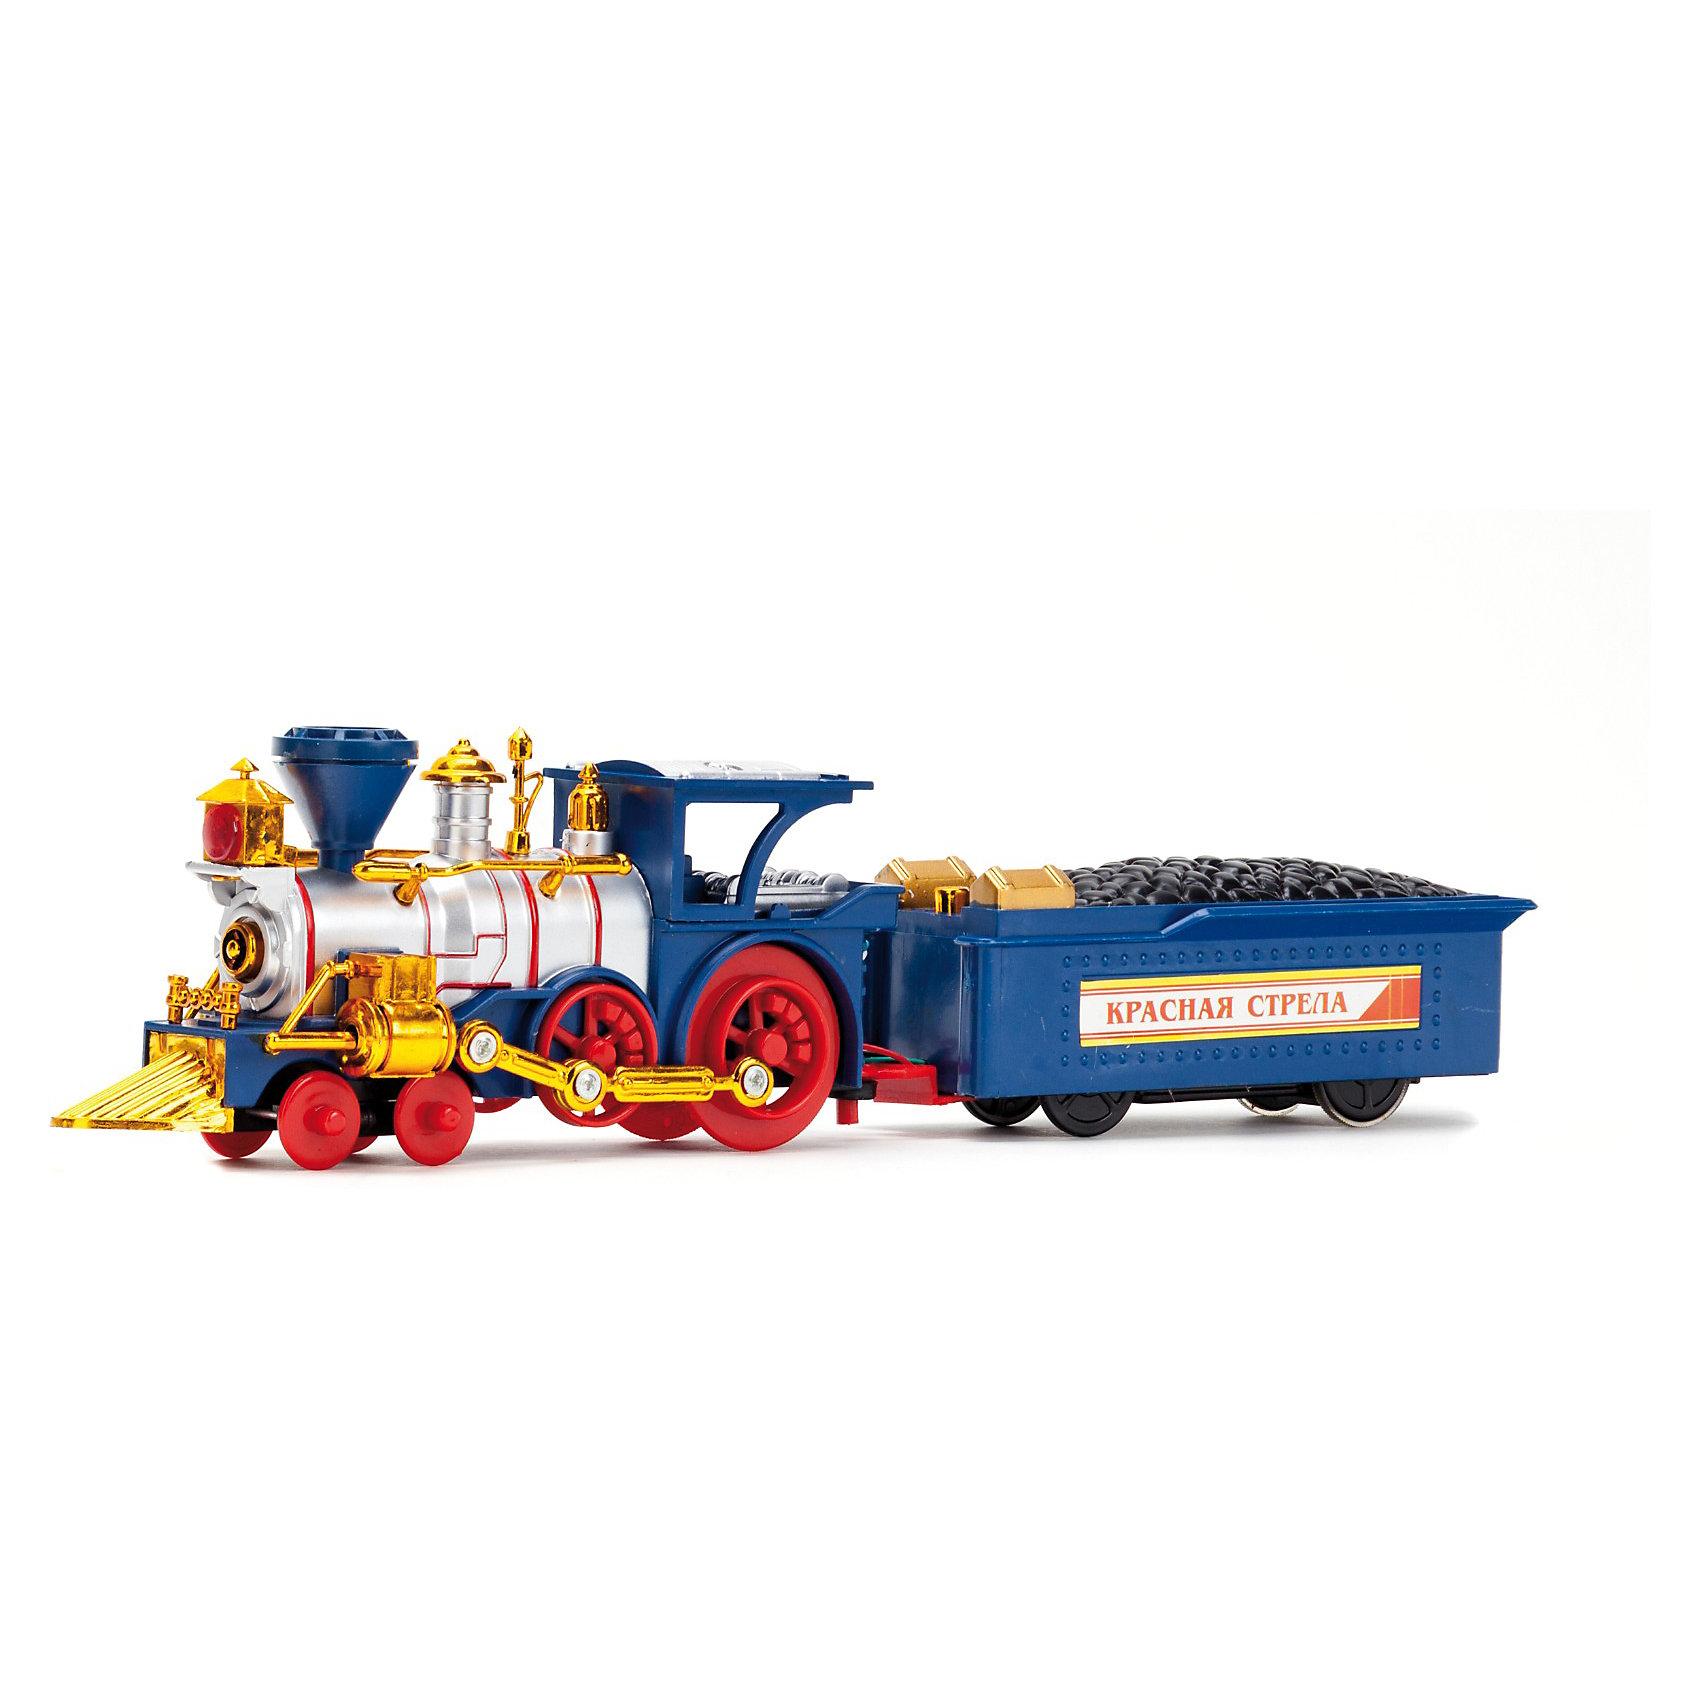 Железная дорога Красная стрела, на р/у, со светом и звуком,  Играем вместеИгрушечная железная дорога<br>Железная дорога Красная Стрела на радиоуправлении - замечательный подарок, который вызовет восторг у любого ребенка. Поезд управляется с помощью пульта, может двигаться вперед-назад, скорость движения регулируется.<br><br>В составе поезда старинный паровоз, украшенный хромированными деталями и три вагона - два пассажирский и один грузовой с углем. Игрушка оснащена световыми и звуковыми эффектами: поезд мигает прожекторами, паровоз пускает дым и издает реалистичные звуки. Имеется автоматическая сцепка вагонов. В комплекте множество аксессуаров, которые помогут воссоздать инфраструктуру настоящей железной дороги: станция, деревья, элементы дорожного полотна и много другое.<br><br>Дополнительная информация:<br><br>- В комплекте: пульт управления, локомотив, вагон с углём, элементы дорожного полотна, пассажирские вагоны, деревья.<br>- Материал: пластик, металл.<br>- Требуются батарейки: 6 х АА (в комплект не входят).<br>- Длина железнодорожного полотна: 266 см.<br>- Размер упаковки: 52 х 32 х 7,5 см.<br>- Вес: 1,2 кг.<br><br> Железную дорогу Красная стрела, на р/у, Играем вместе можно купить в нашем интернет-магазине.<br><br>Ширина мм: 320<br>Глубина мм: 70<br>Высота мм: 530<br>Вес г: 1230<br>Возраст от месяцев: 48<br>Возраст до месяцев: 120<br>Пол: Мужской<br>Возраст: Детский<br>SKU: 3644049